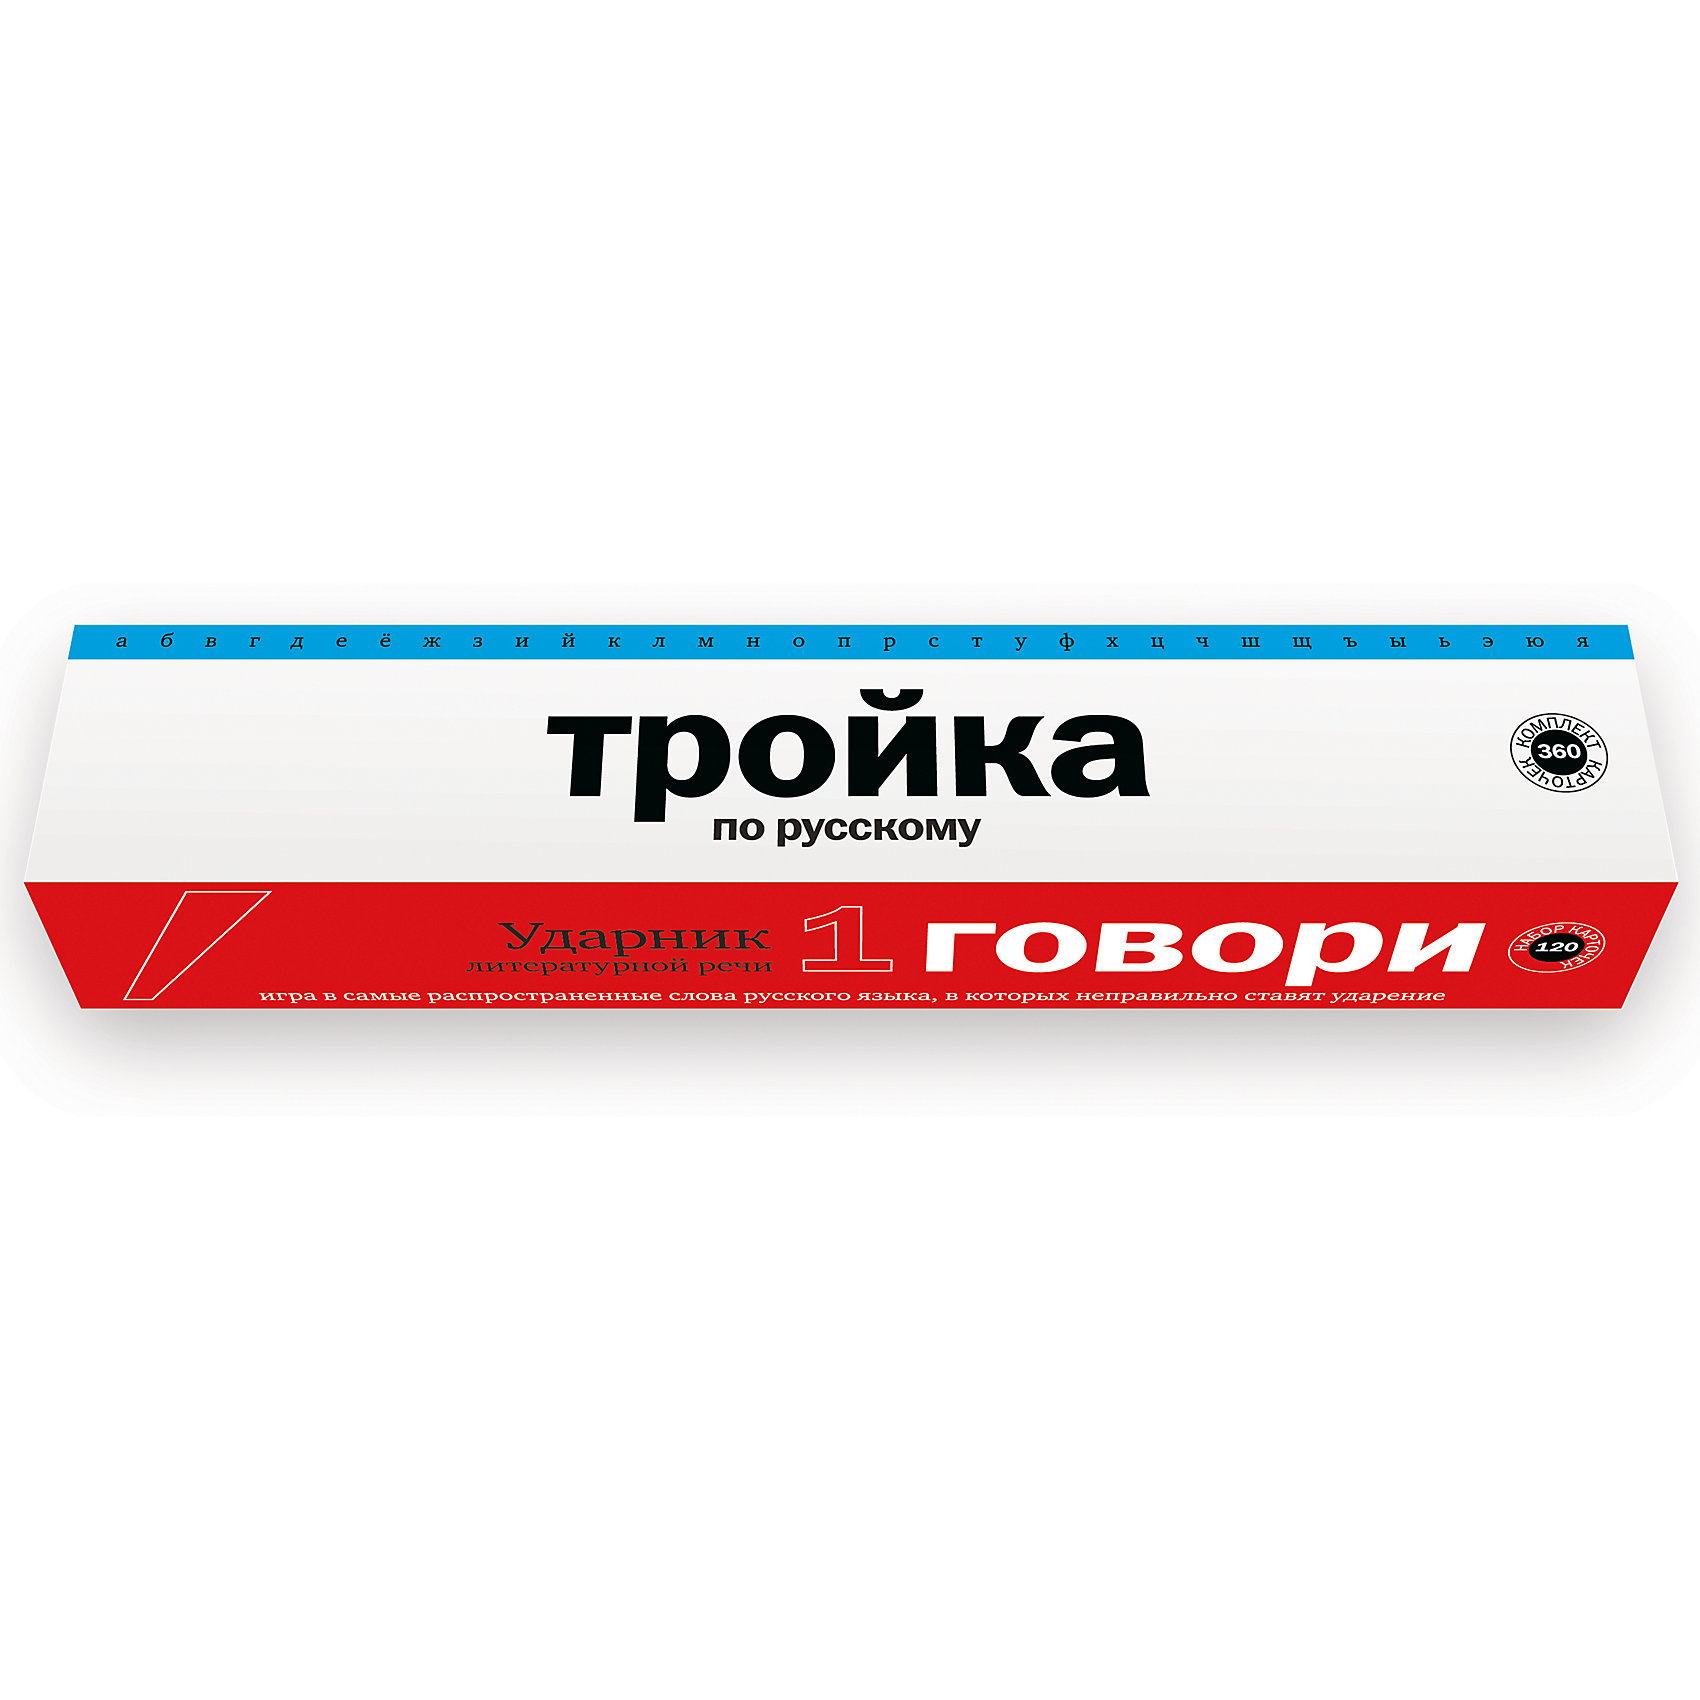 Студия Pagedown Комплект карточек Тройка по русскому